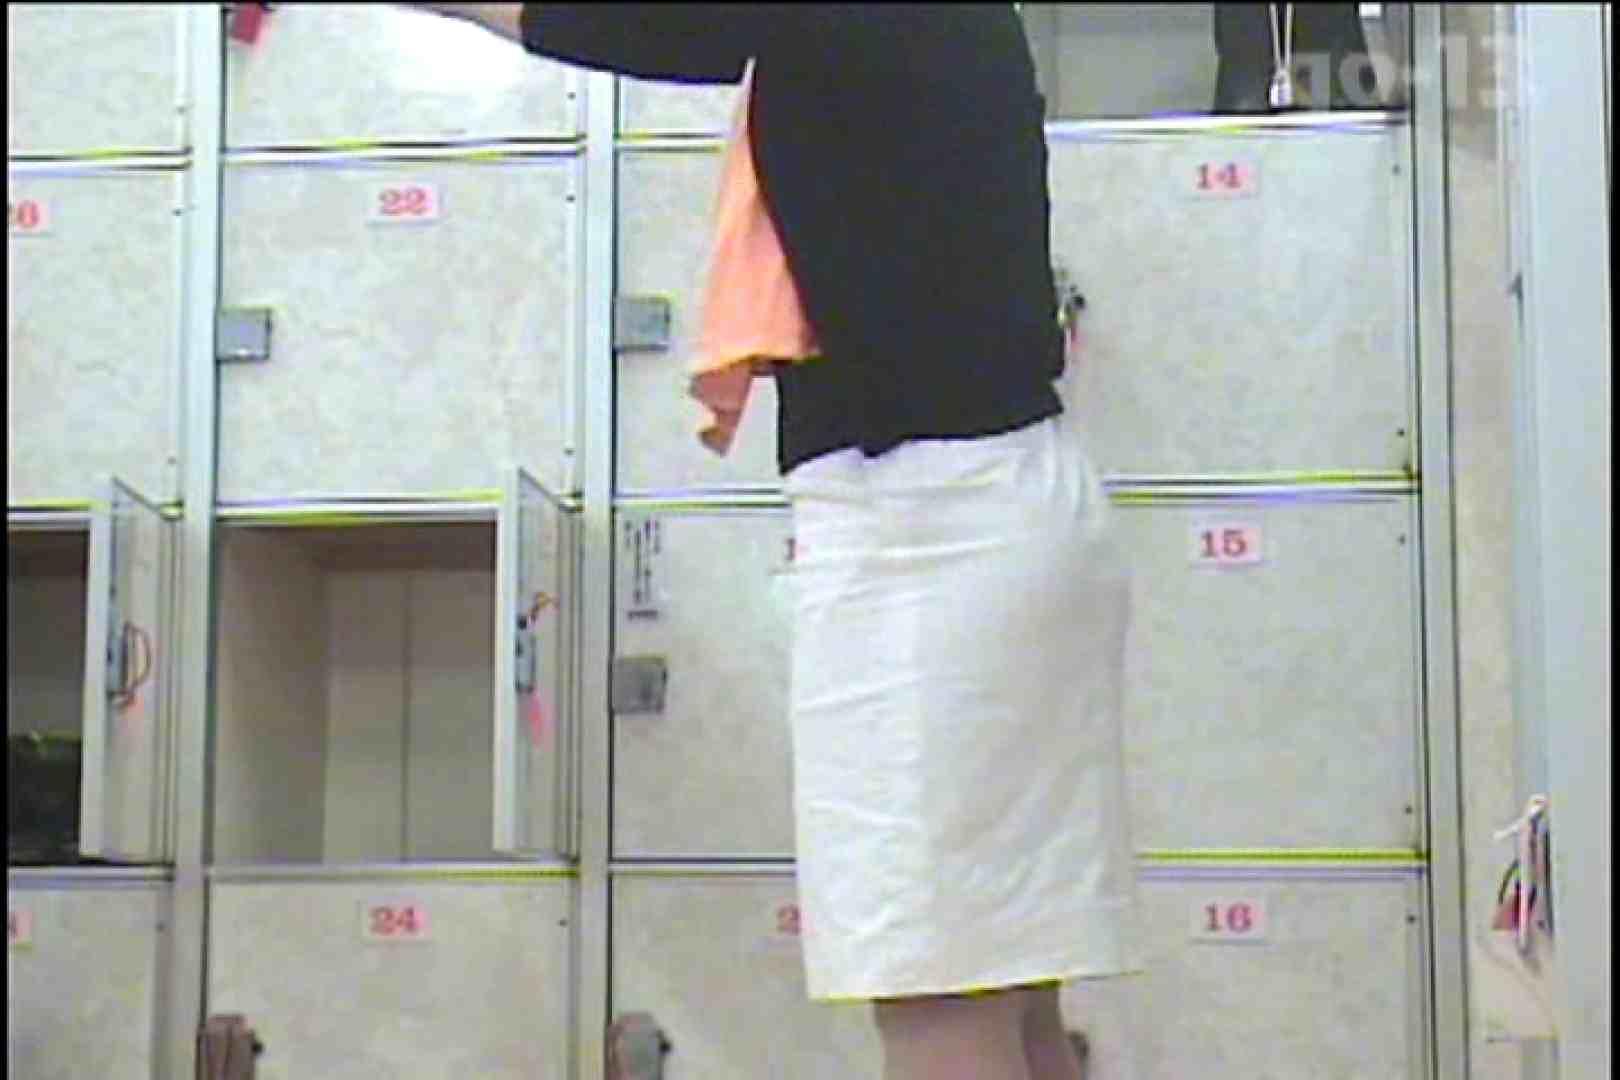 電波カメラ設置浴場からの防HAN映像 Vol.13 盗撮編 おまんこ無修正動画無料 91枚 22